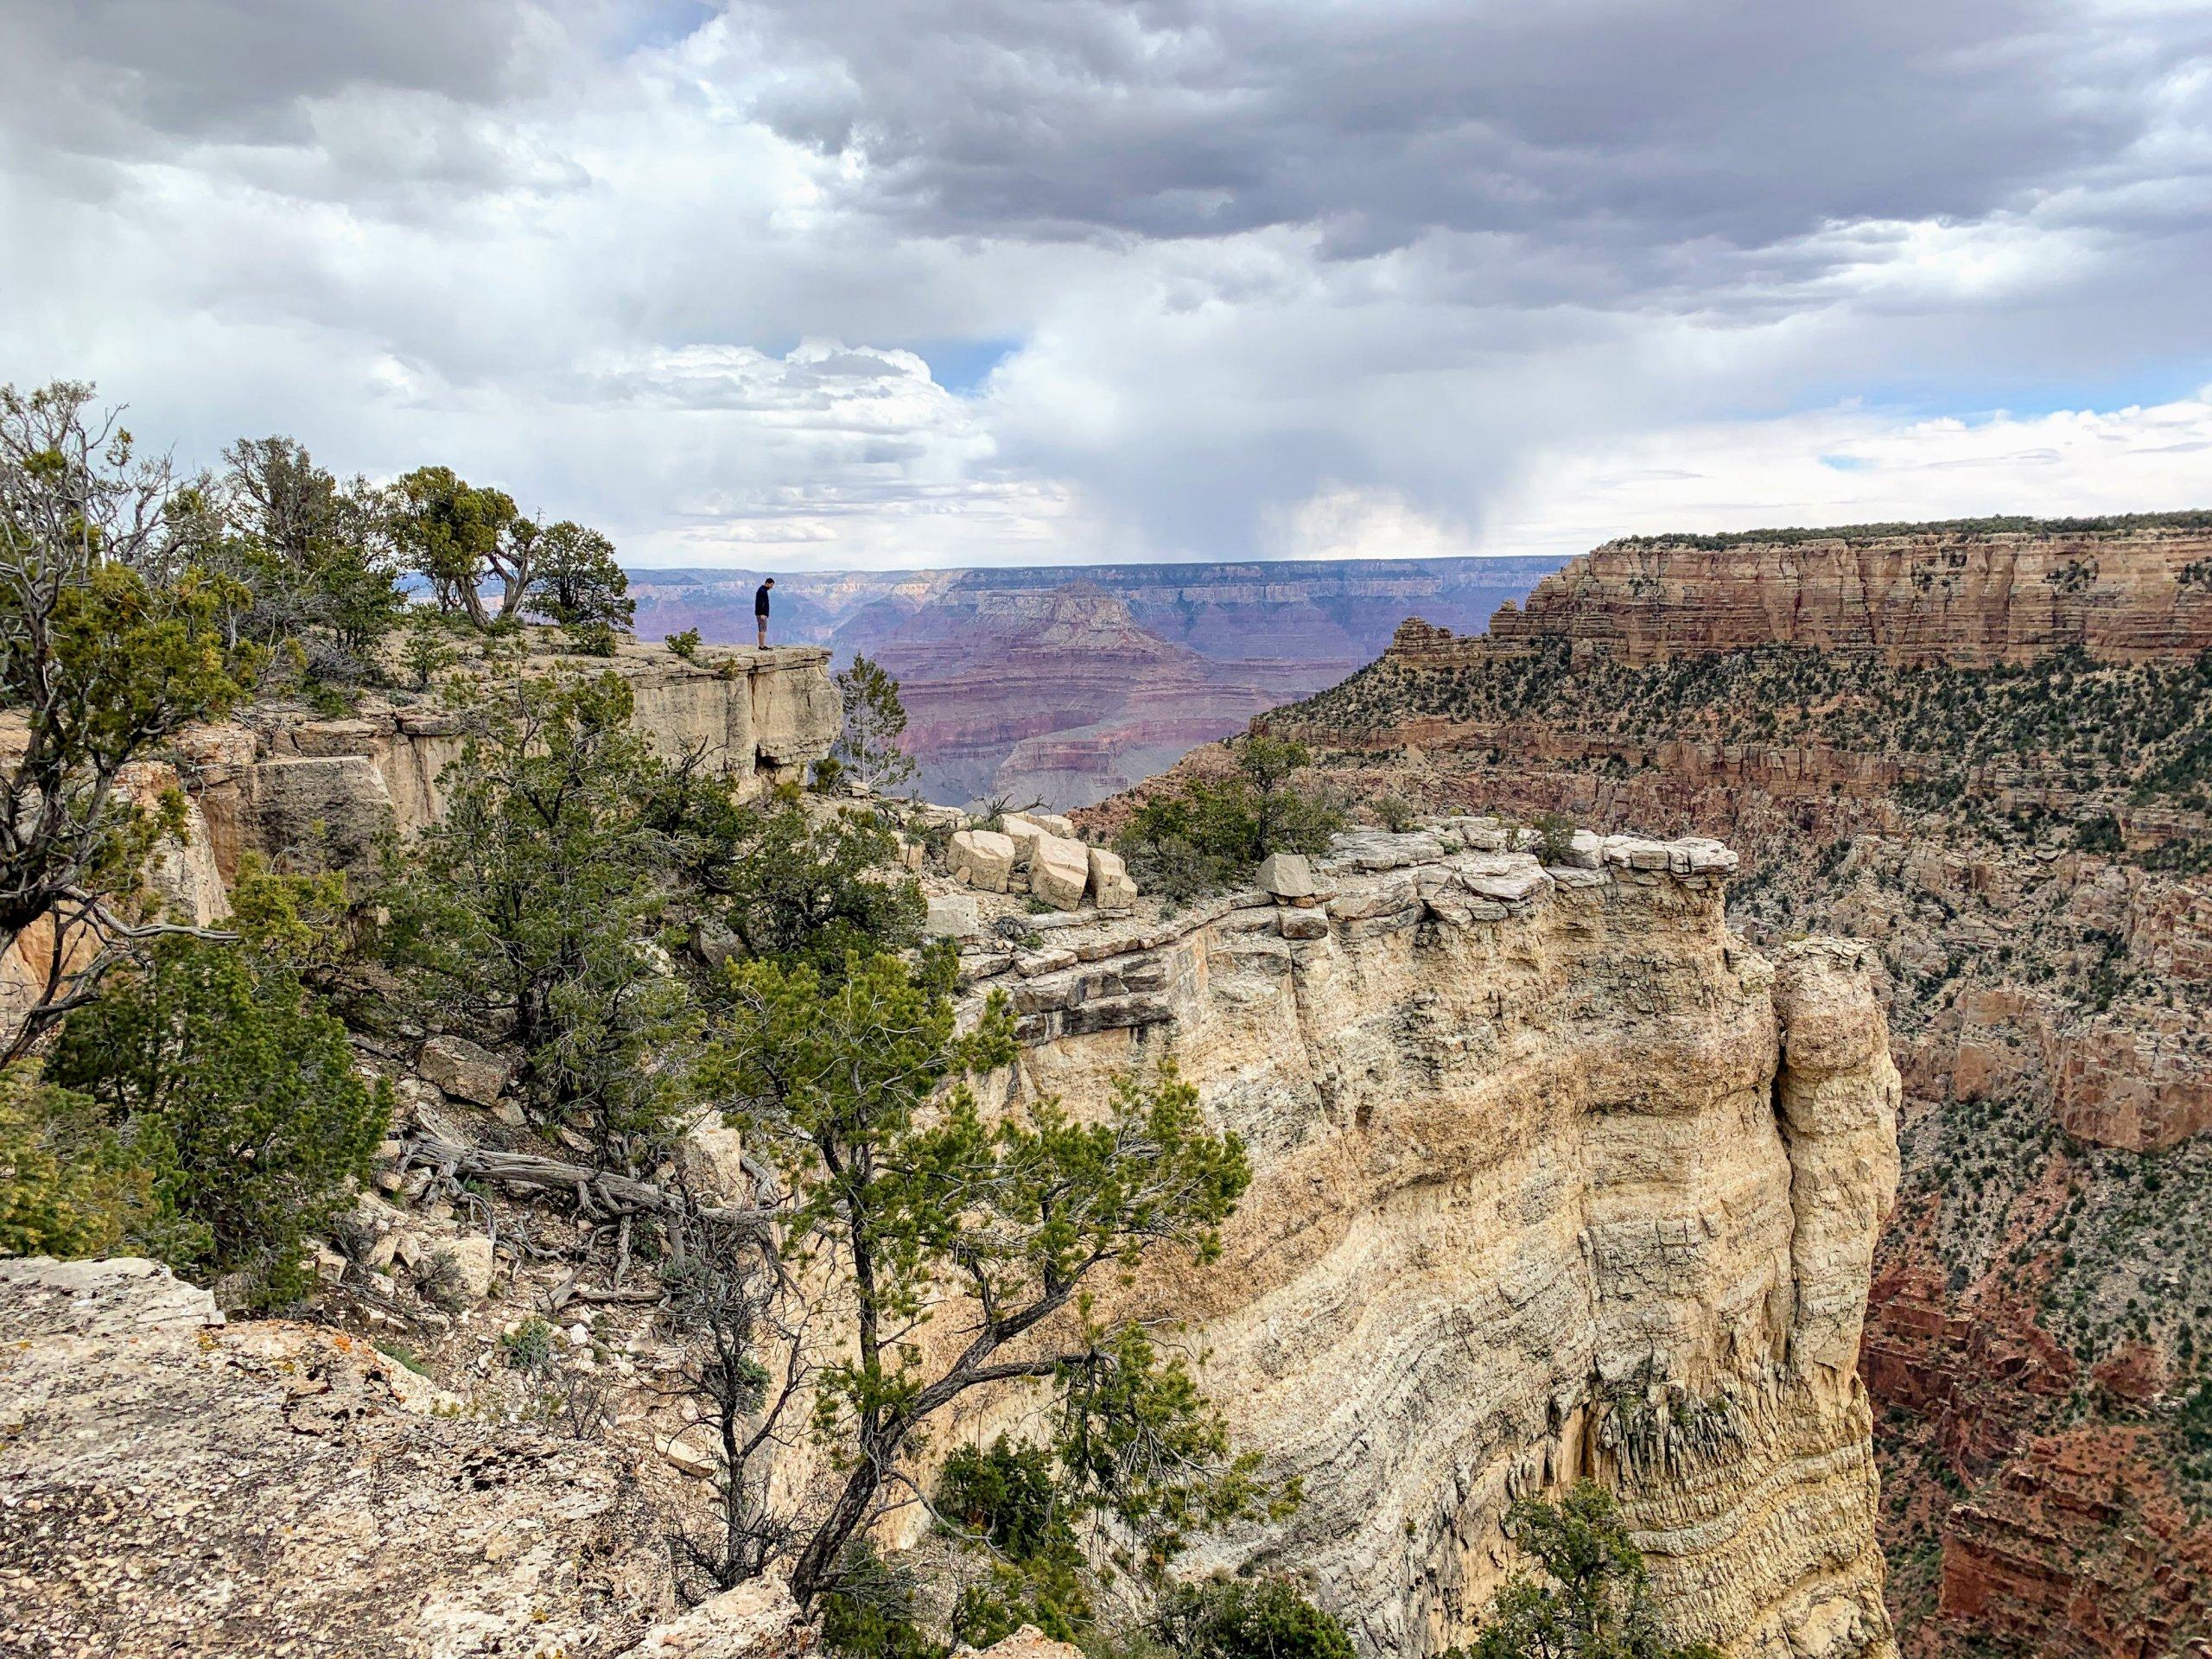 National Park Day at Grand Canyon